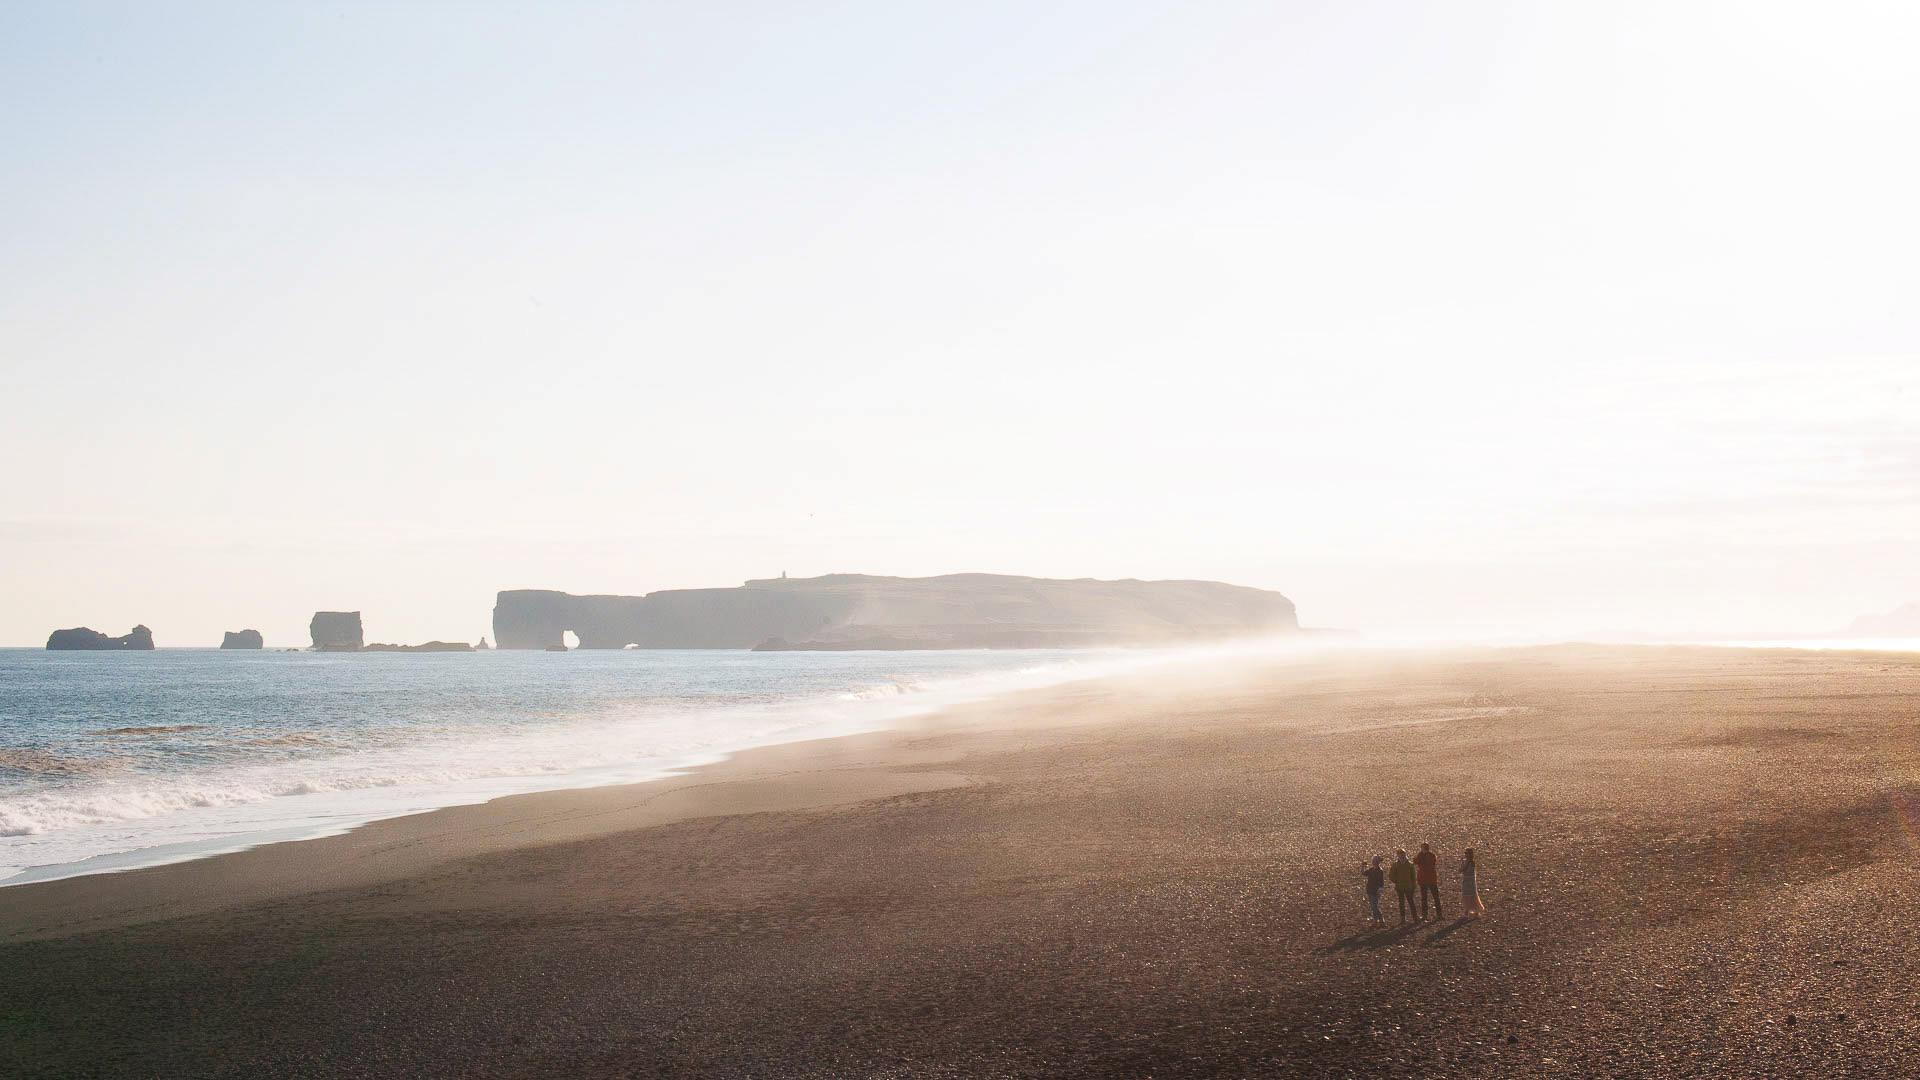 Fotostory Island von Redeleit und Junker - Eine Familie am Strand, im Hintergrund riesige Felsen im Meer